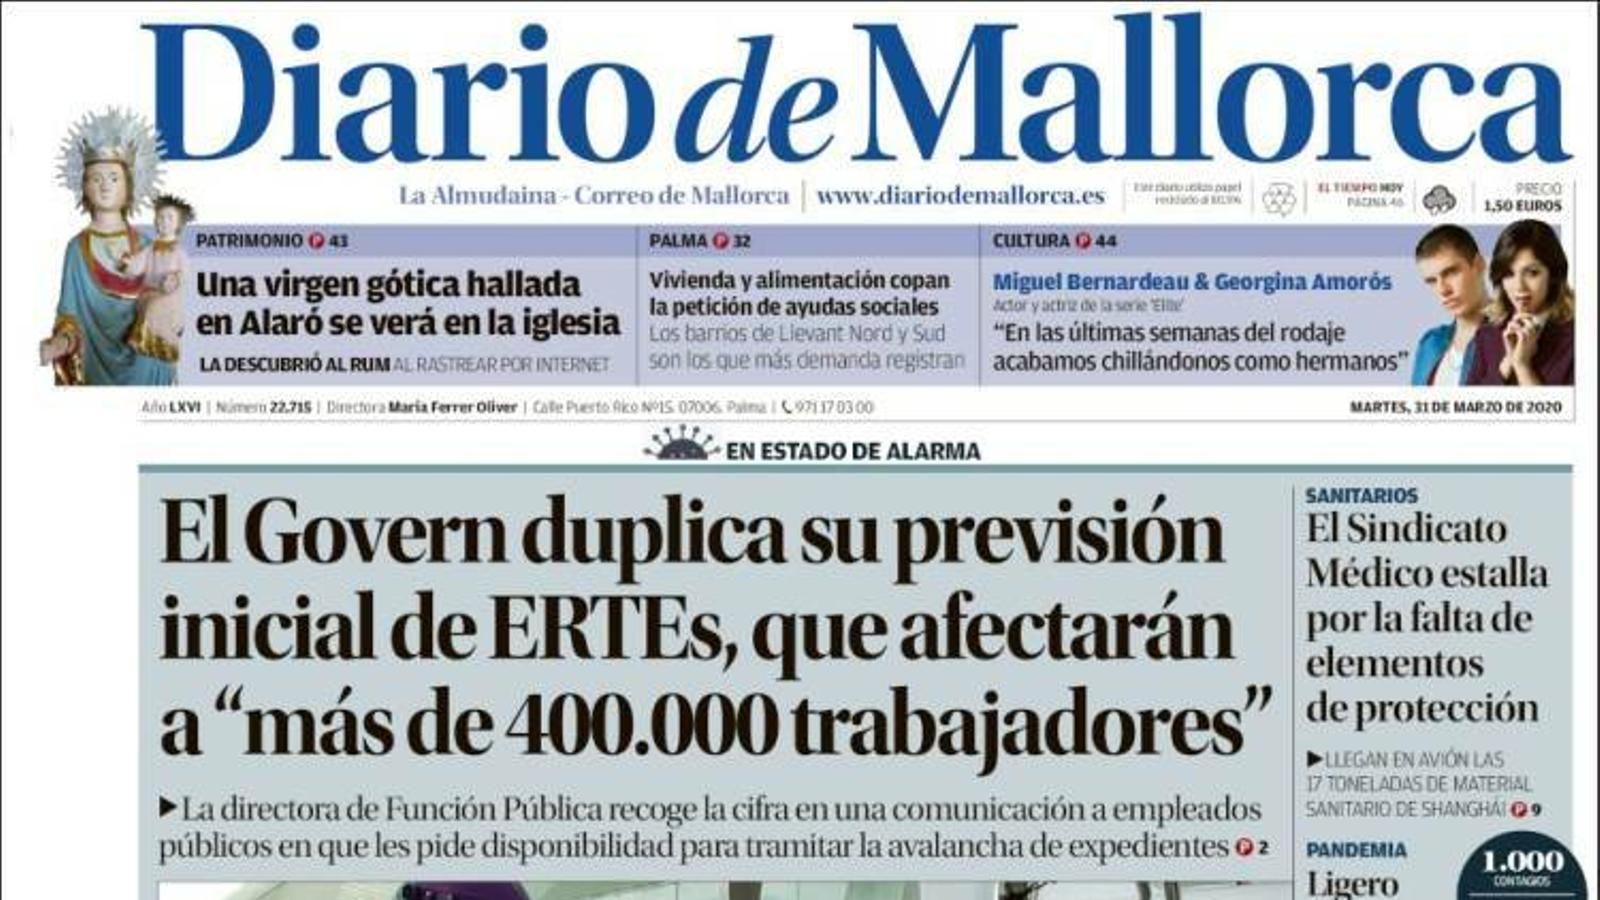 """""""El Govern duplica la seva previsió d'ERTOs, que afectaran """"més de 400.000 treballadors"""""""", a la portada de 'Diario de Mallorca'"""